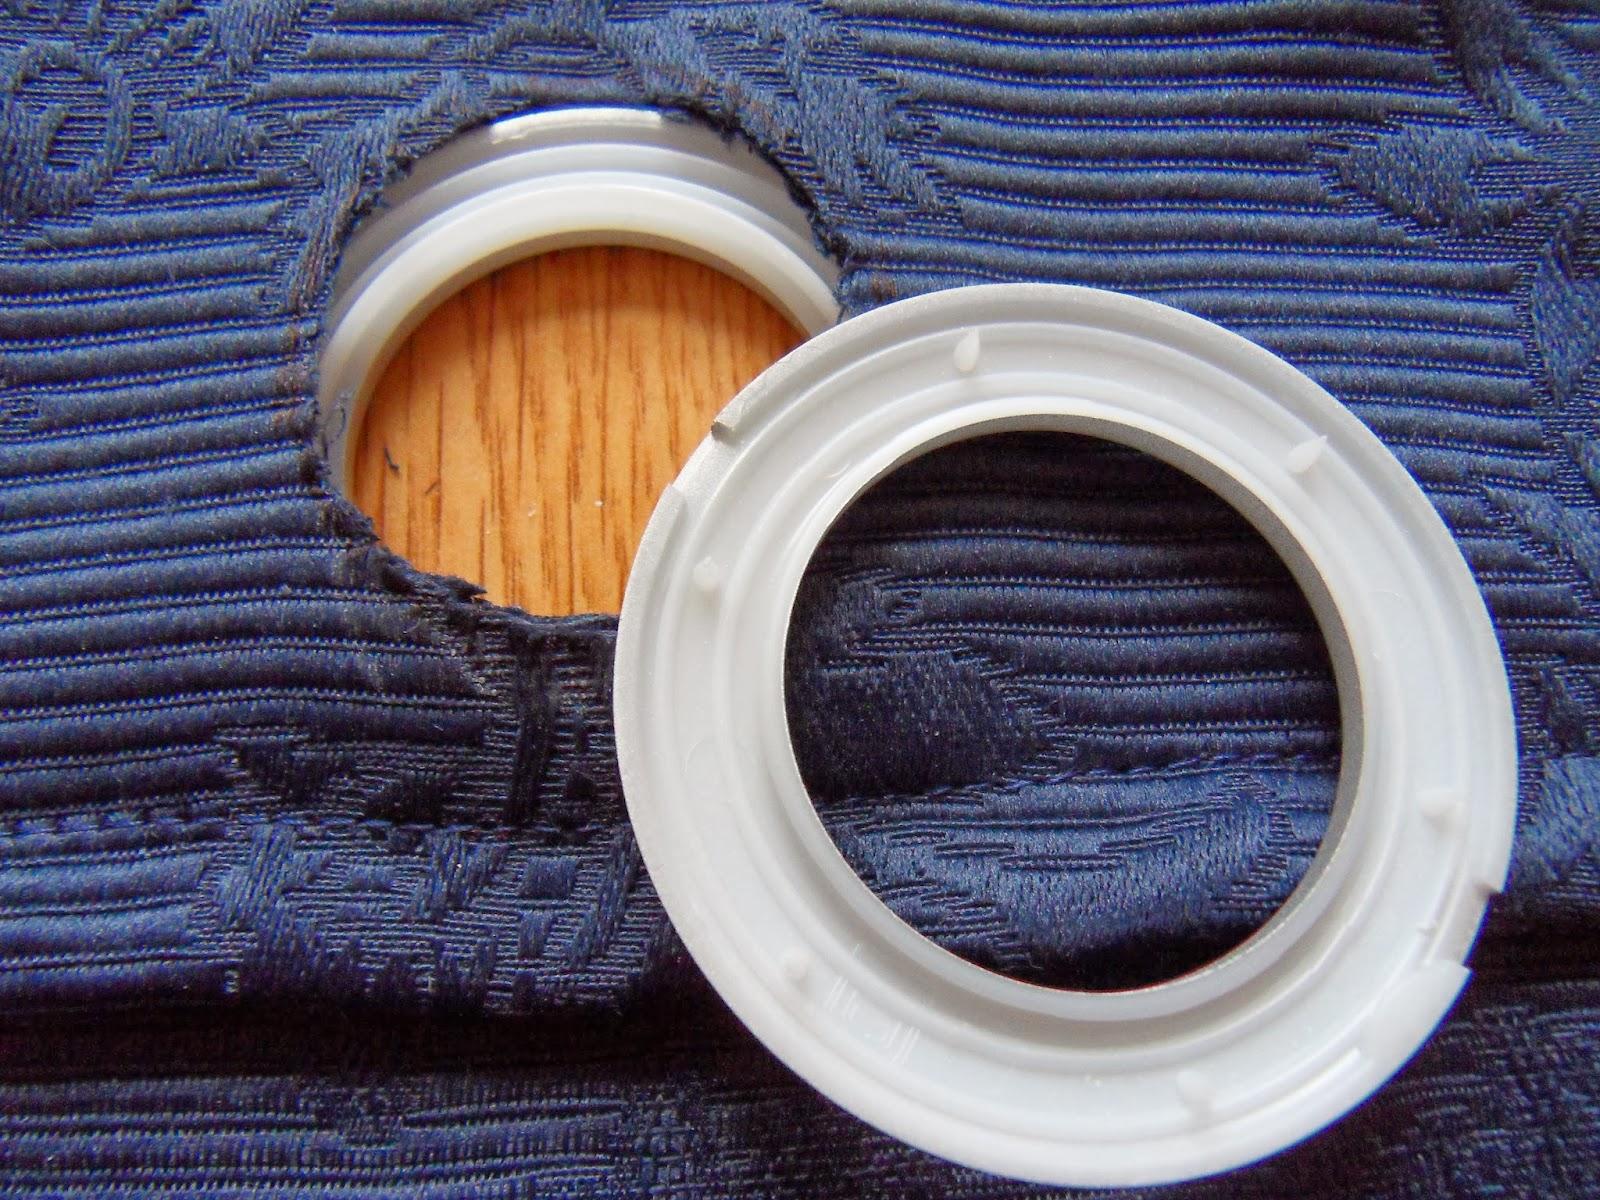 de ringen klik je dan om het gat heen en kant van de ringen heeft pinnetjes die zich in de stof vastzetten